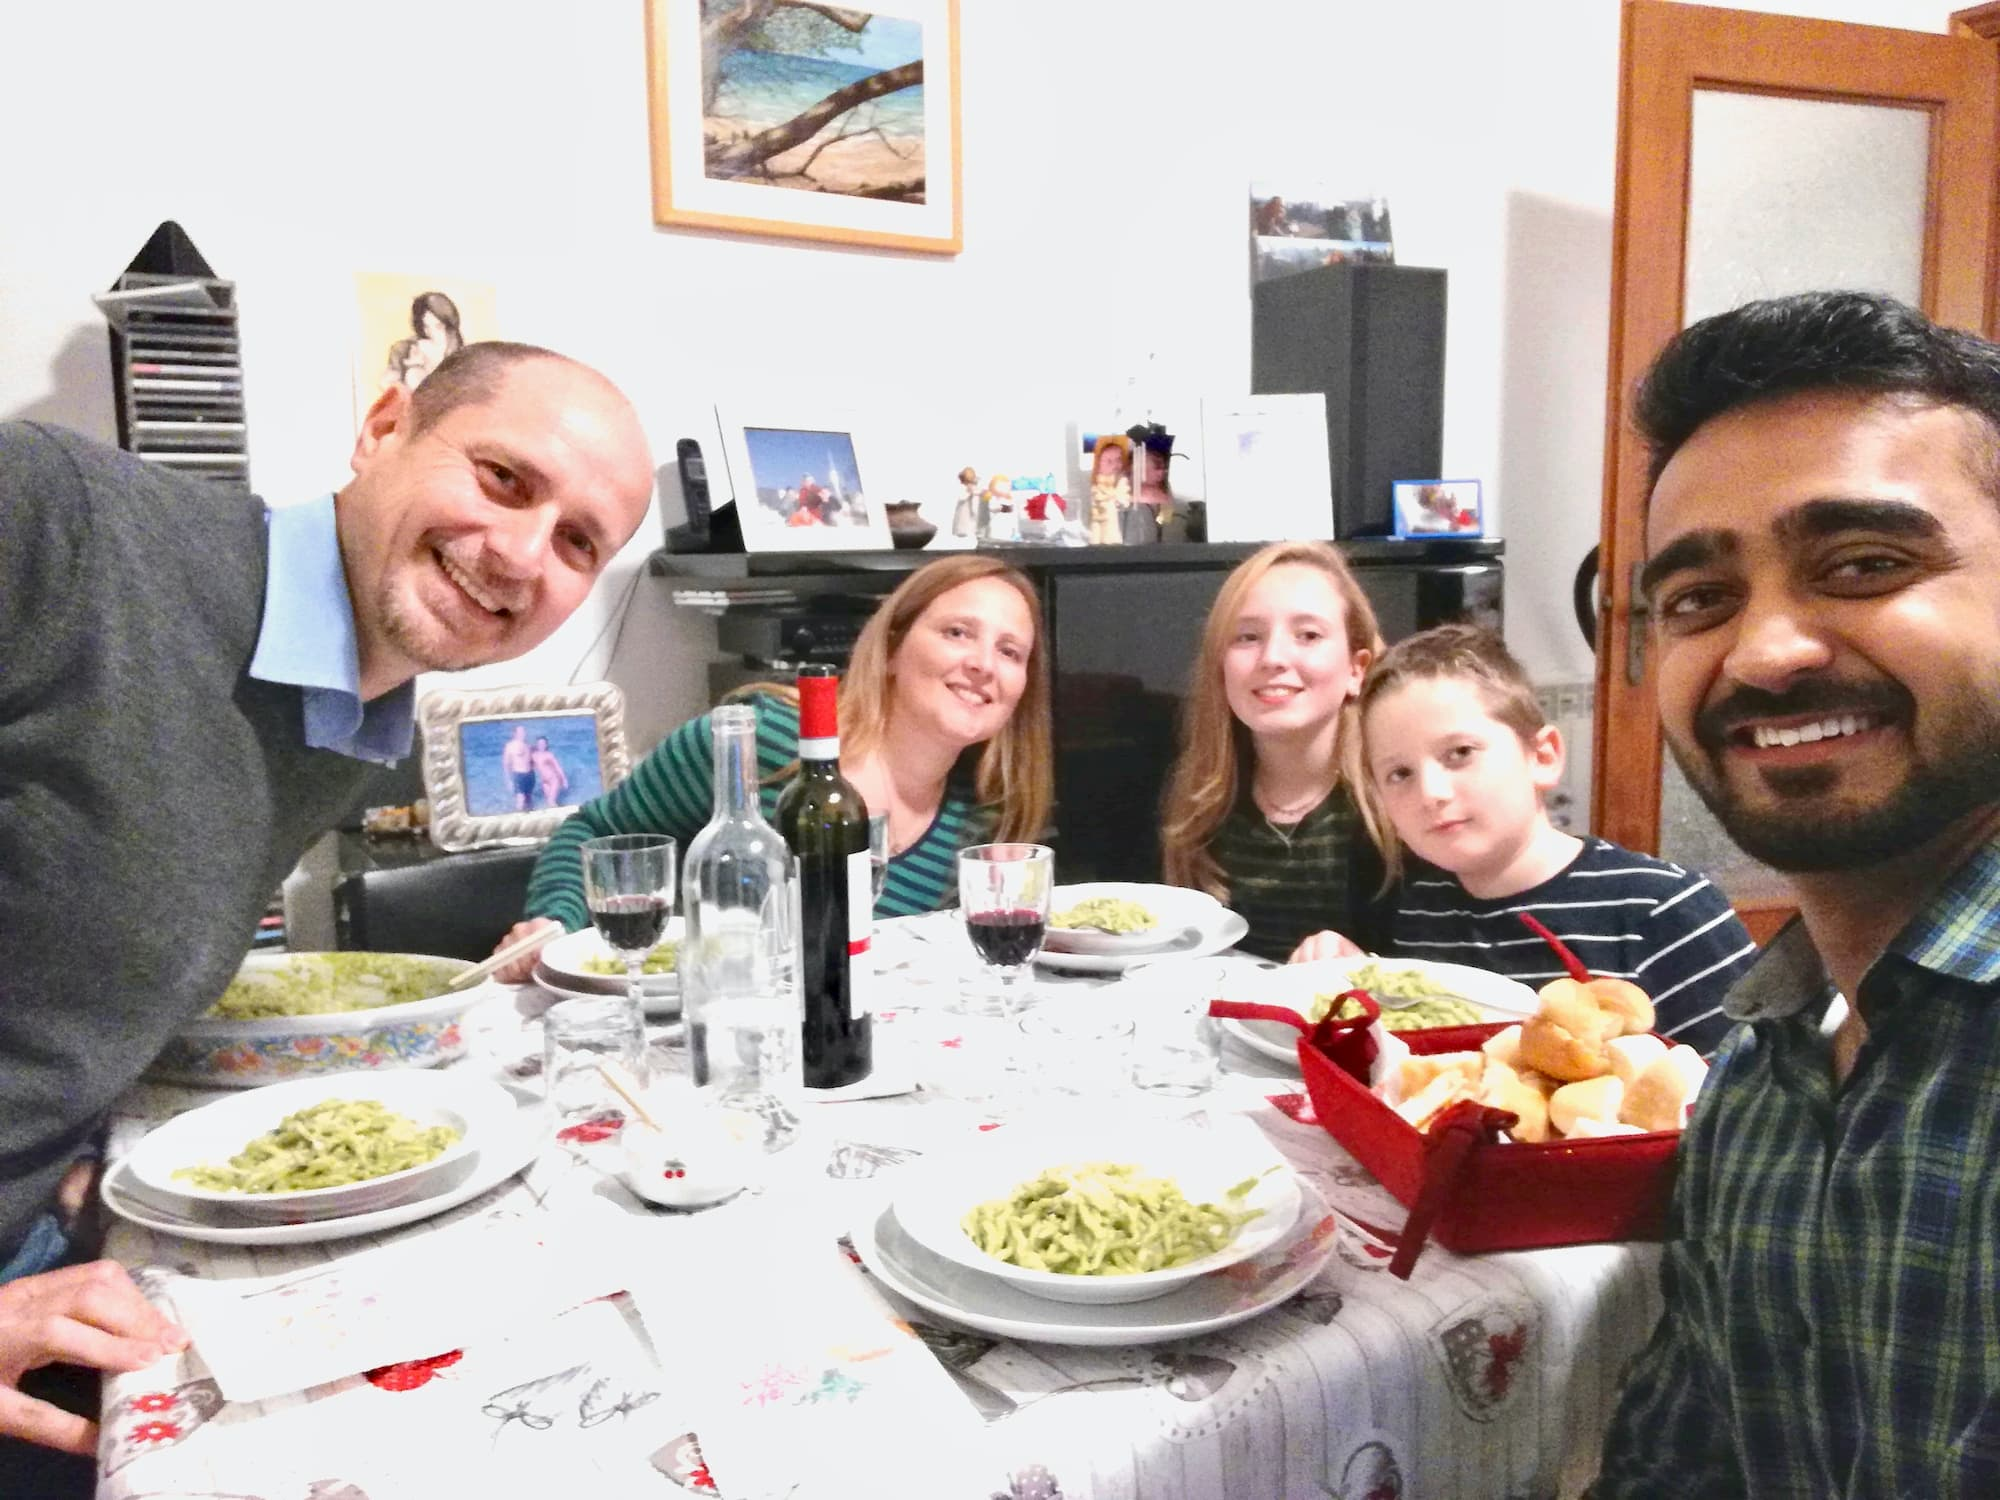 Studente internazionale cena con una famiglia italiana  - Dinehome